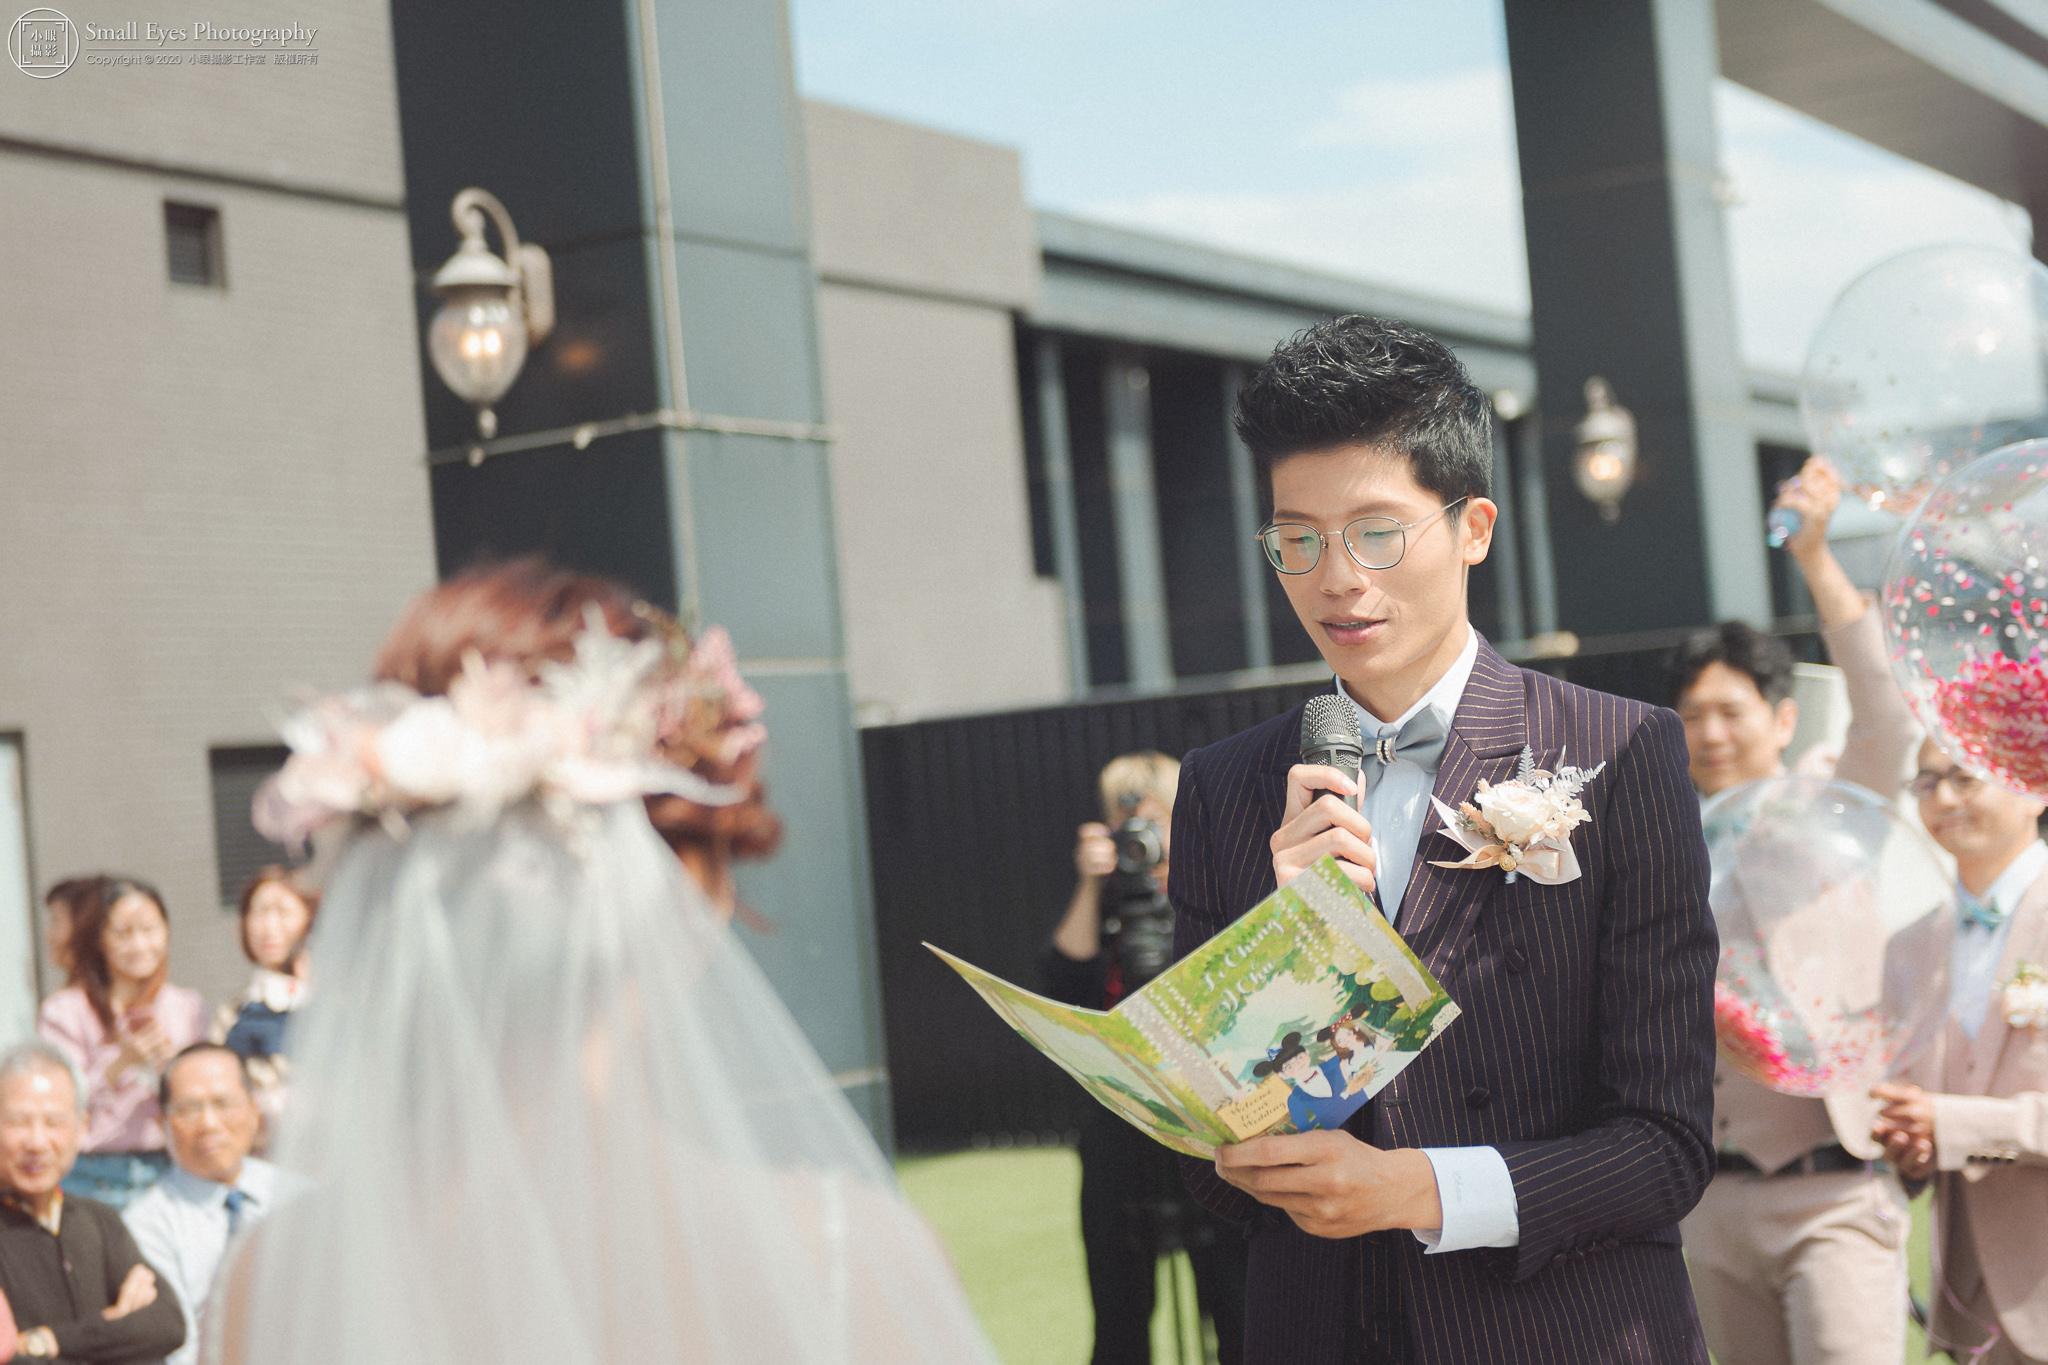 小眼攝影,傅祐承,婚禮攝影,婚攝,婚禮紀實,婚禮紀錄,貳月婚紗,新秘瓜瓜,迎娶,證婚,台北,格萊天漾